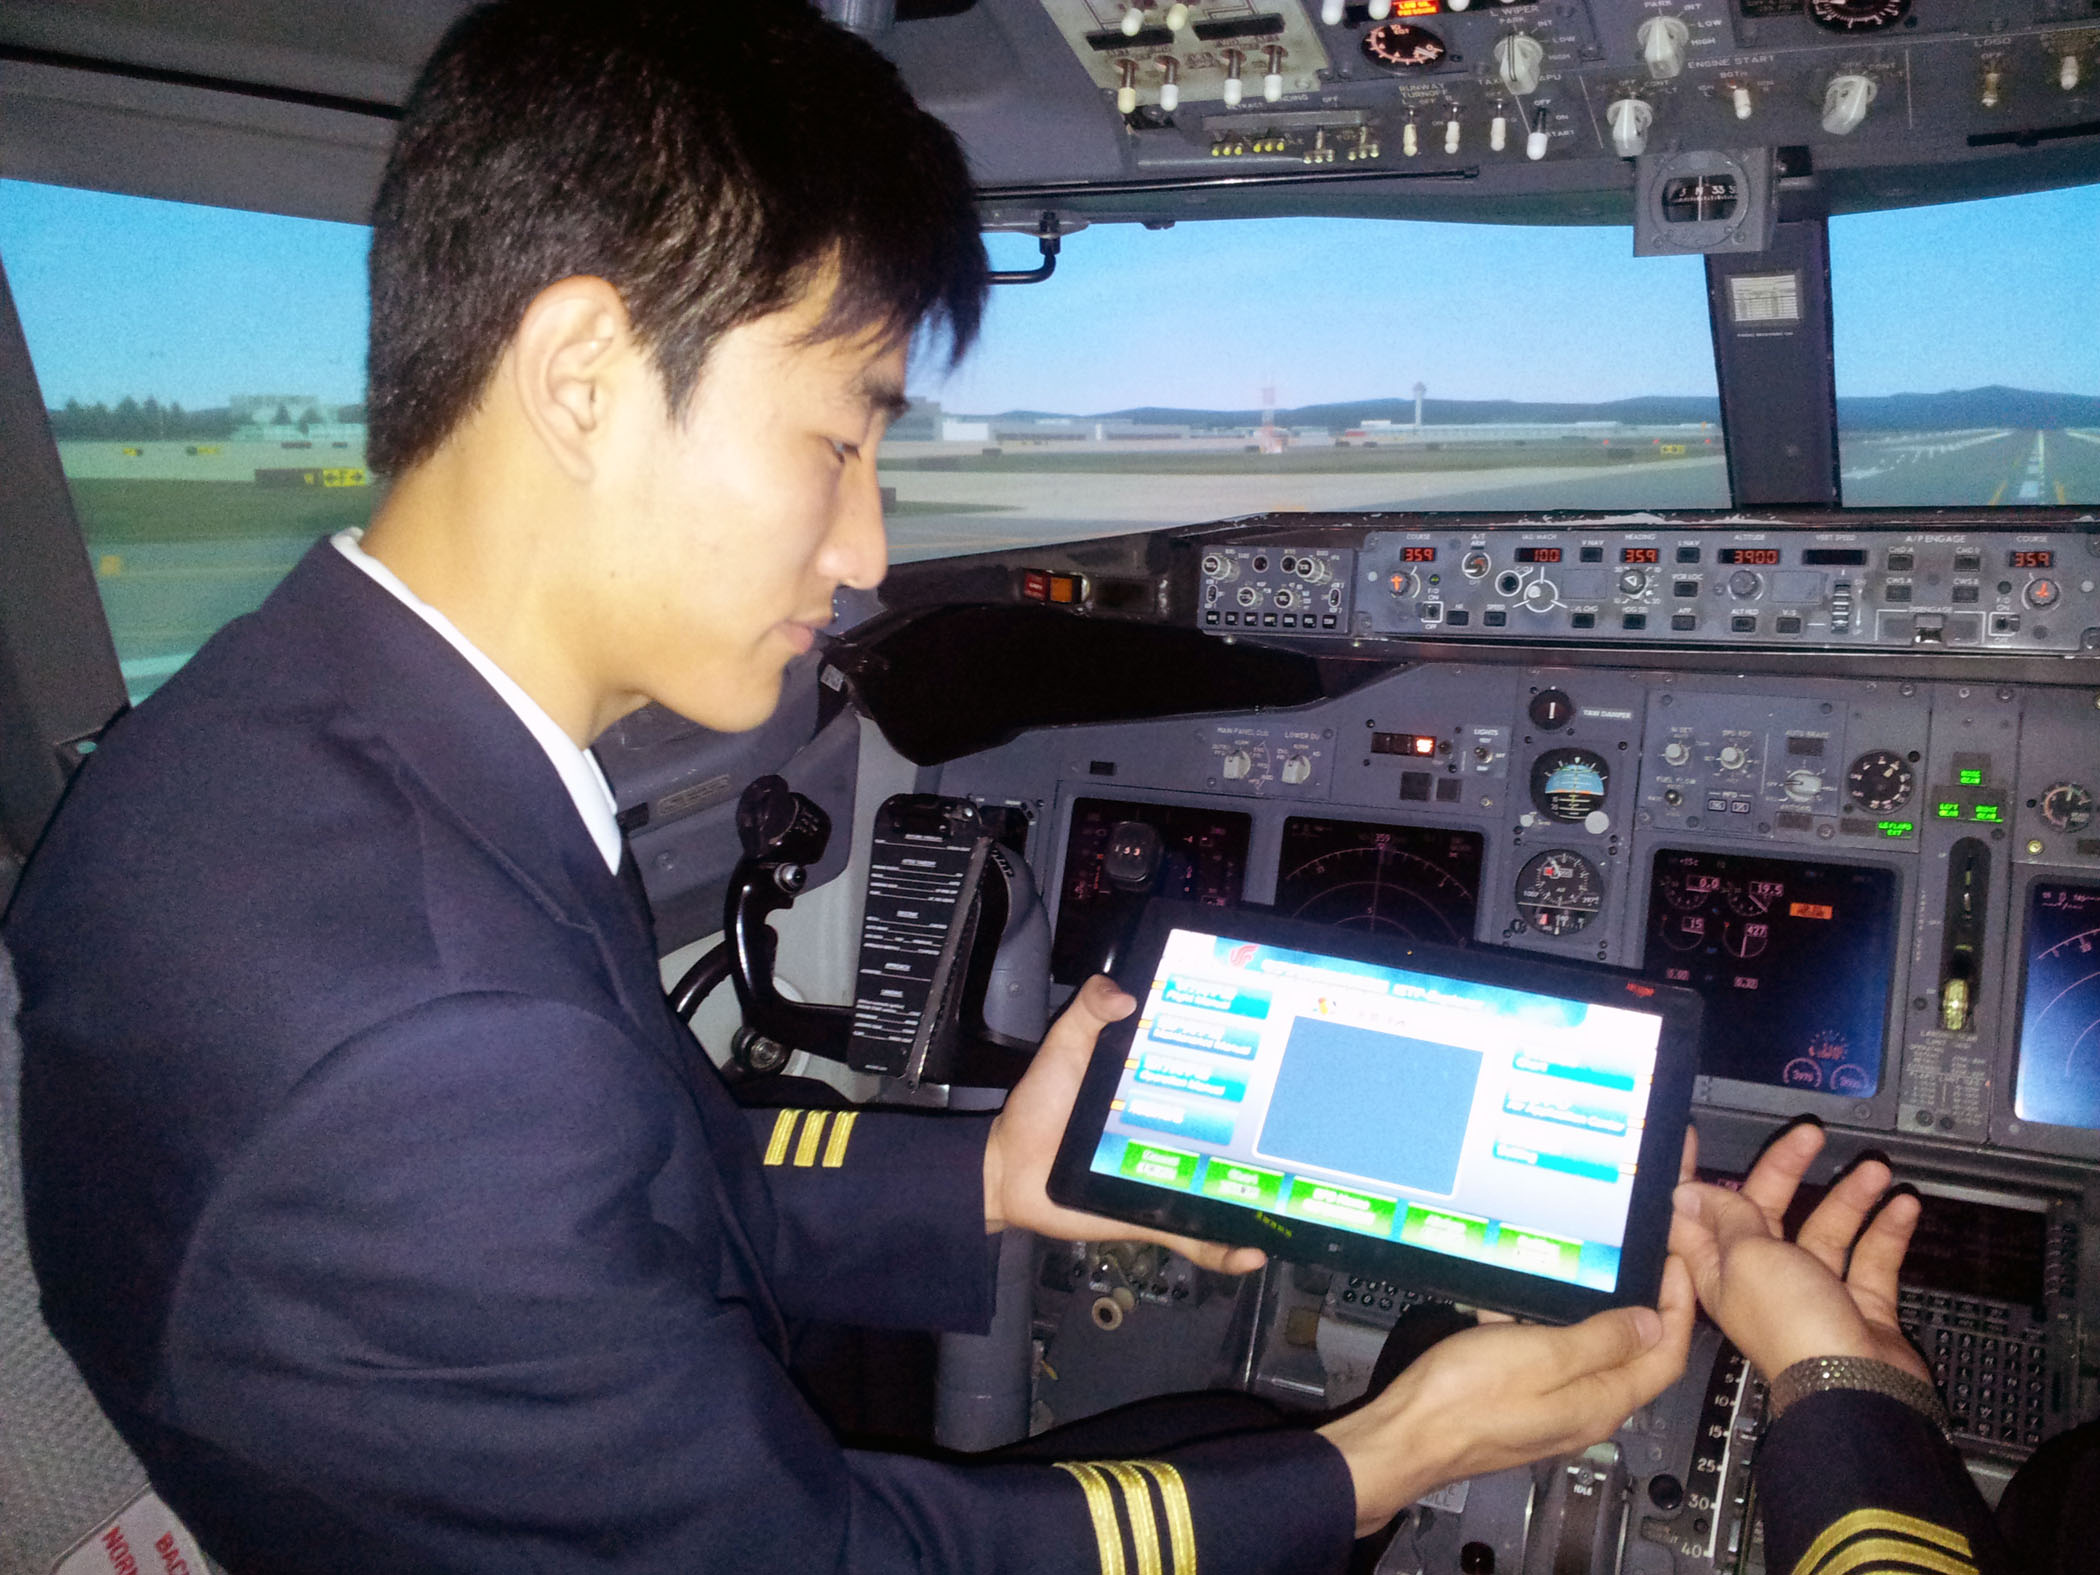 에어차이나 승무원이 슬레이트PC를 사용하고 있다